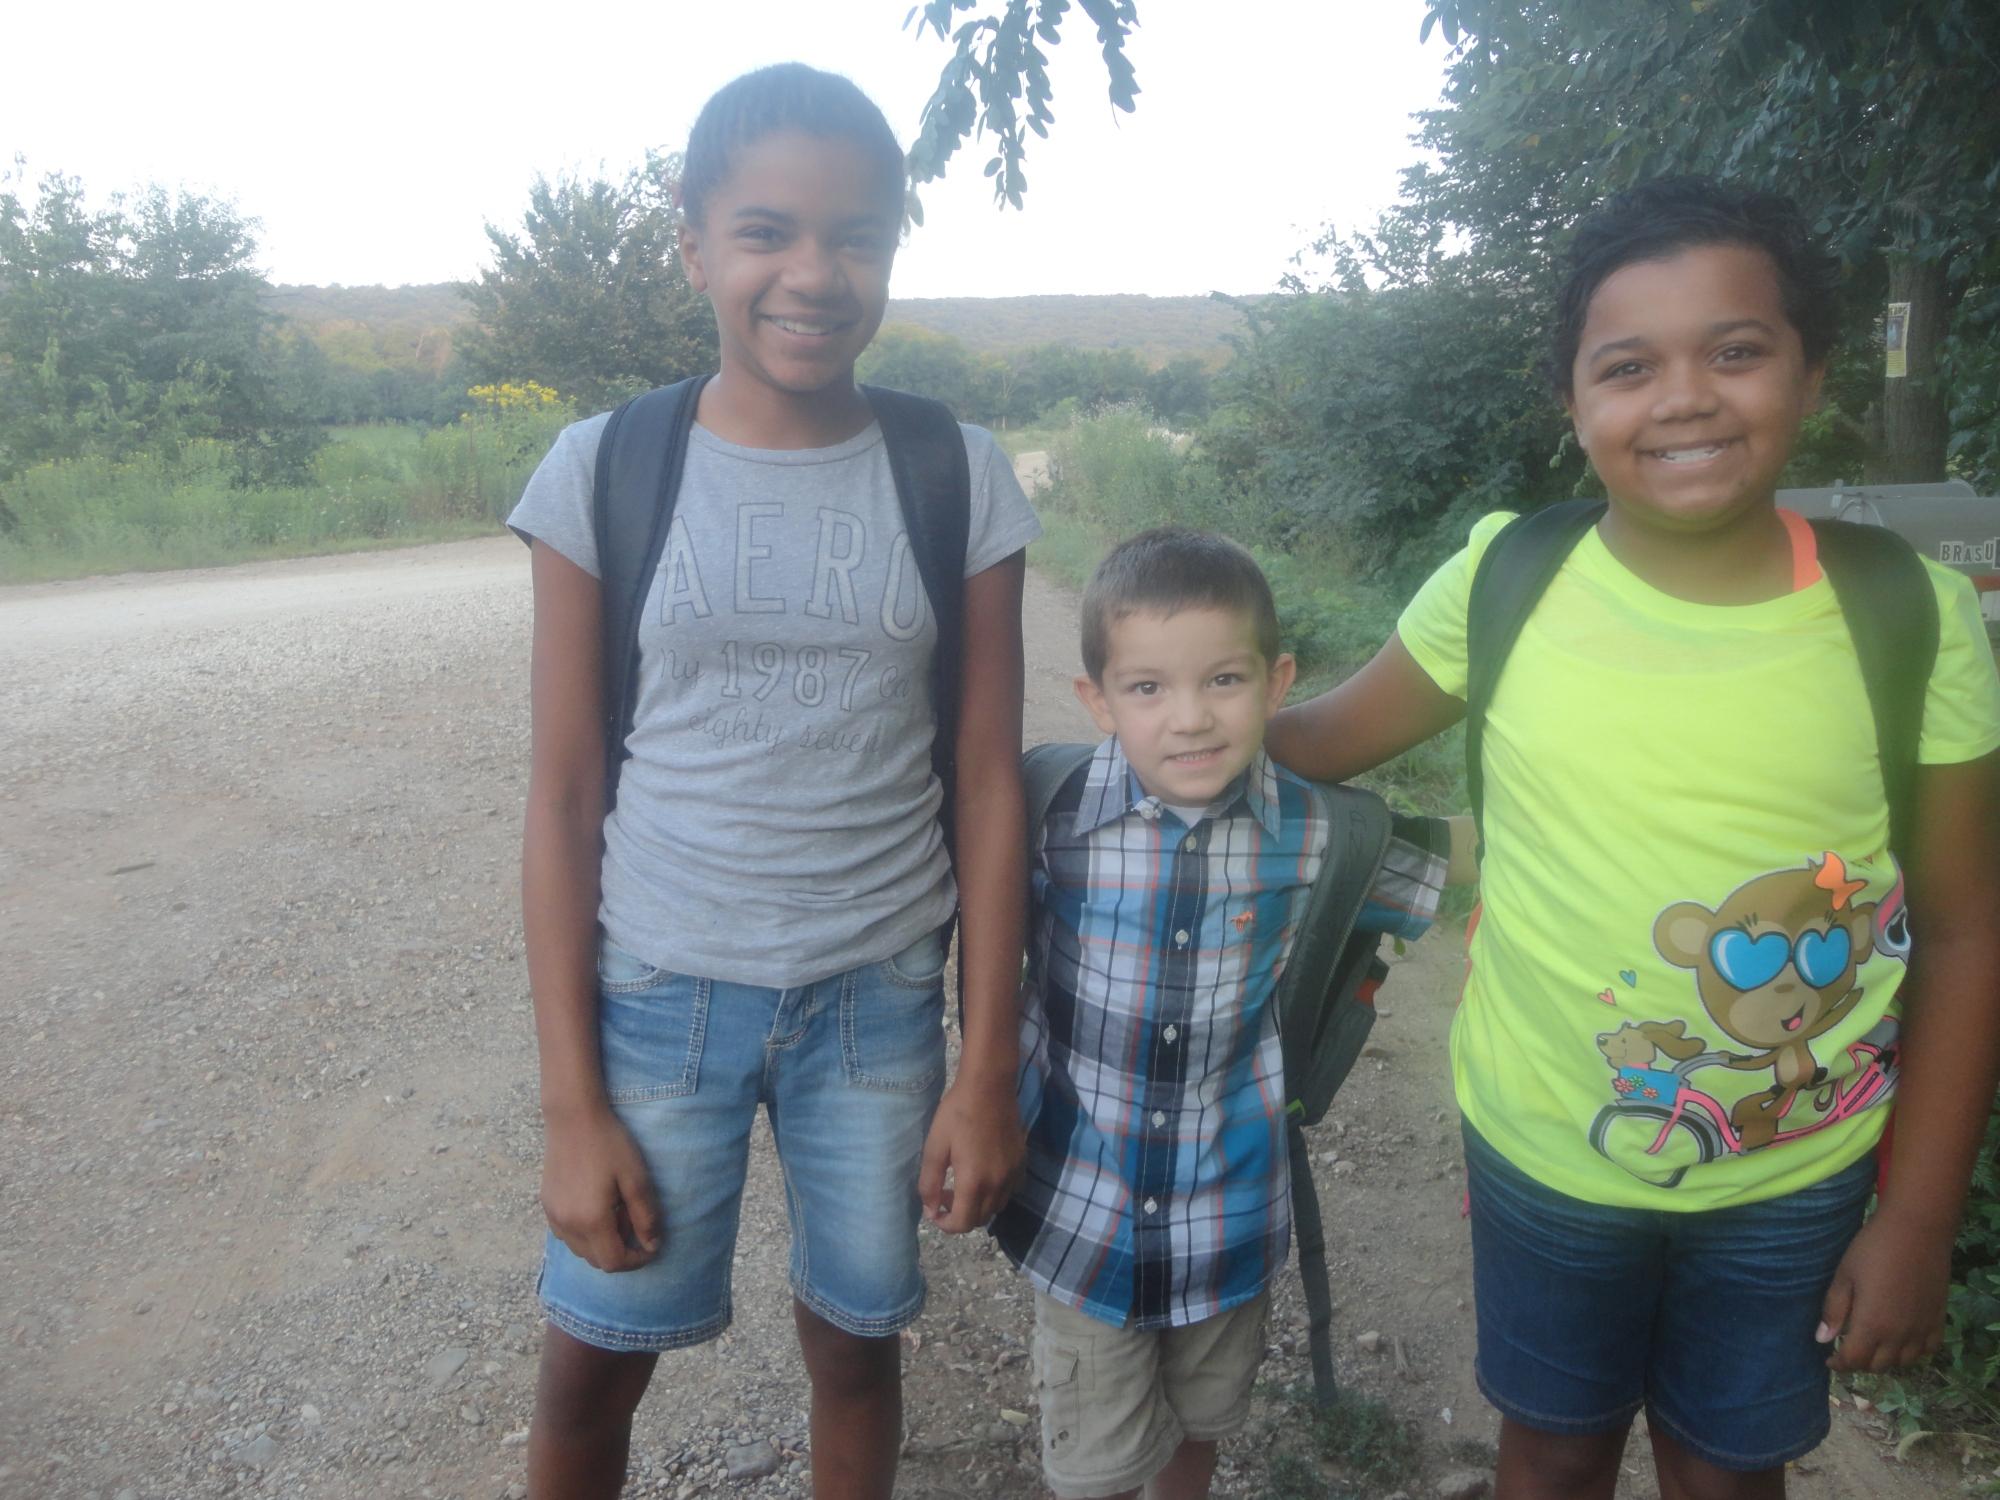 Jacquelynn 12 , Kyli 10 and Eli 5